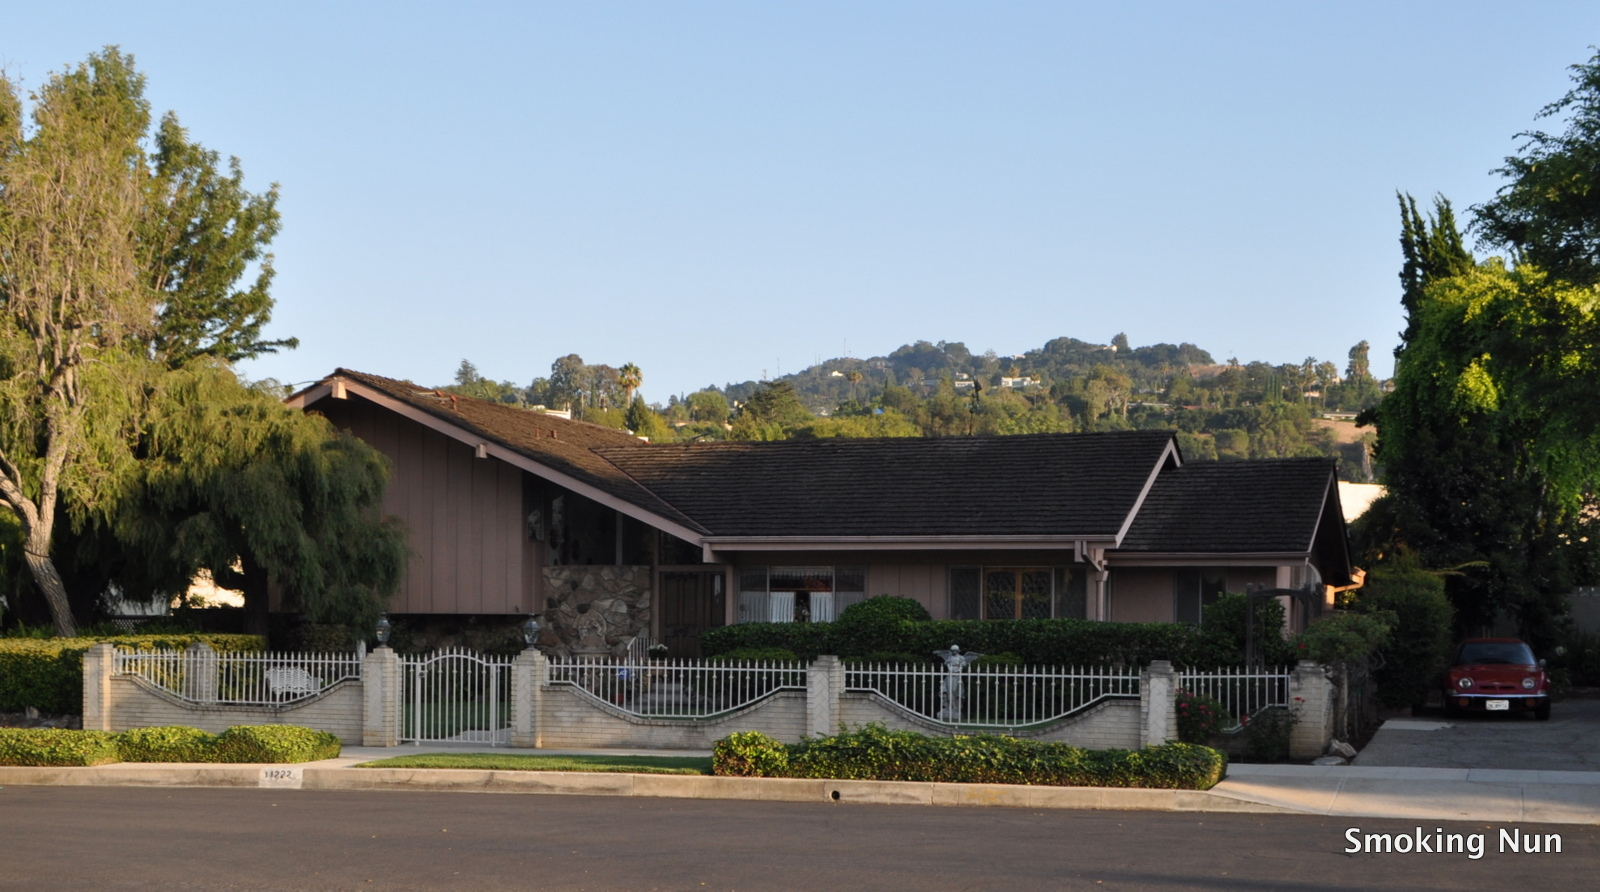 The Smoking Nun Los Angeles The Brady Bunch House